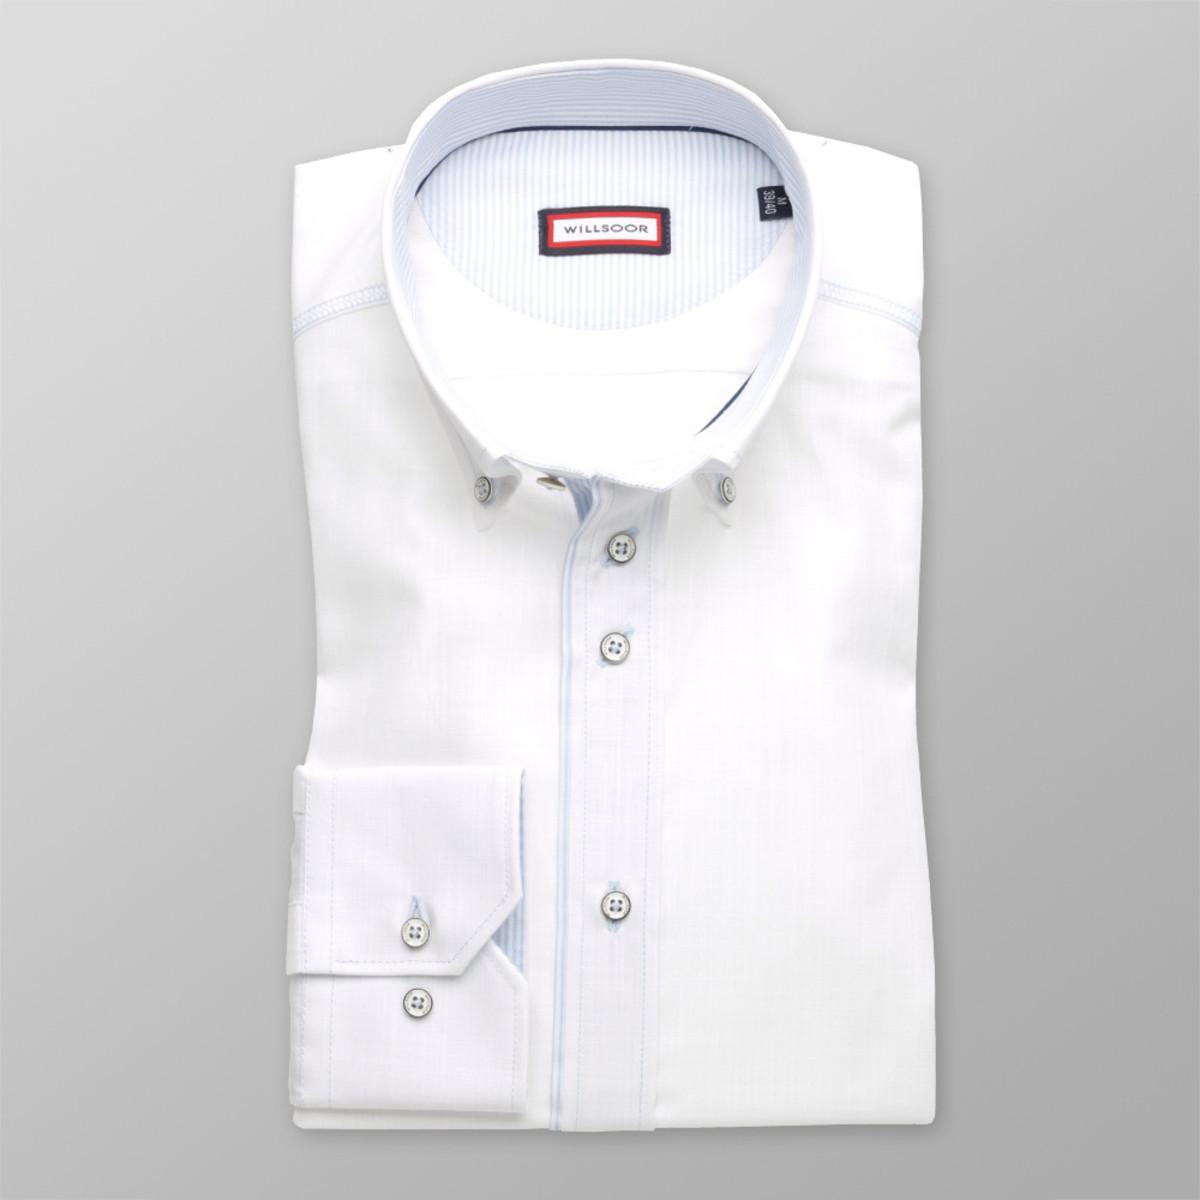 Pánska klasická košeľa (výška 176-182) 8240 v biele farbe 176-182 / L (41/42)